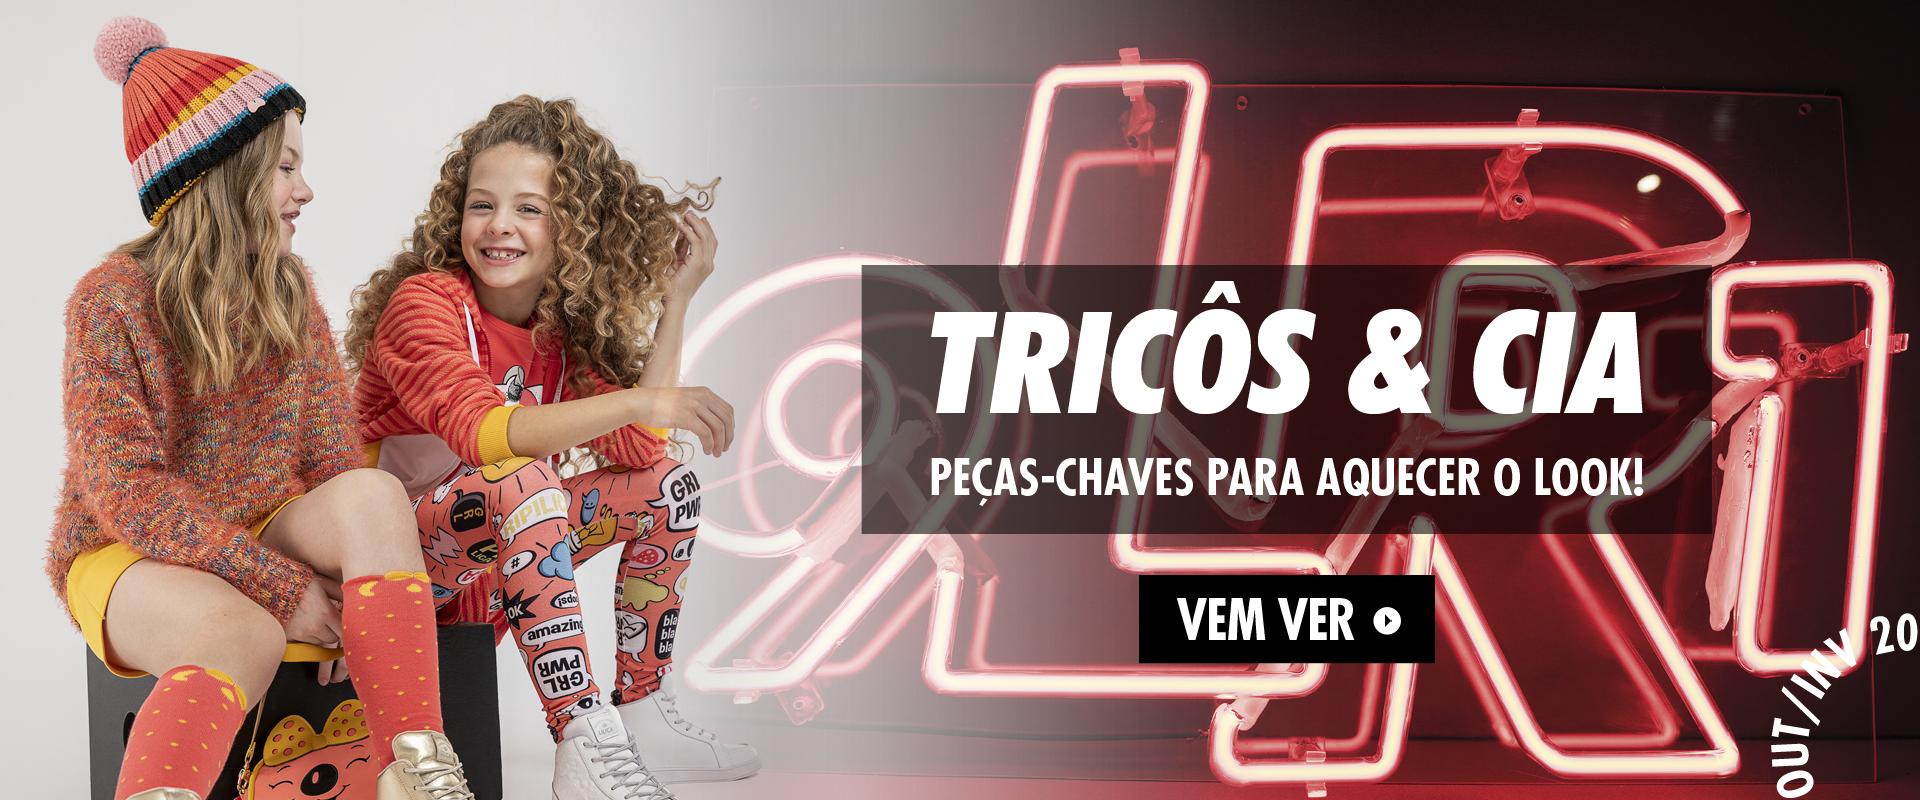 tricos